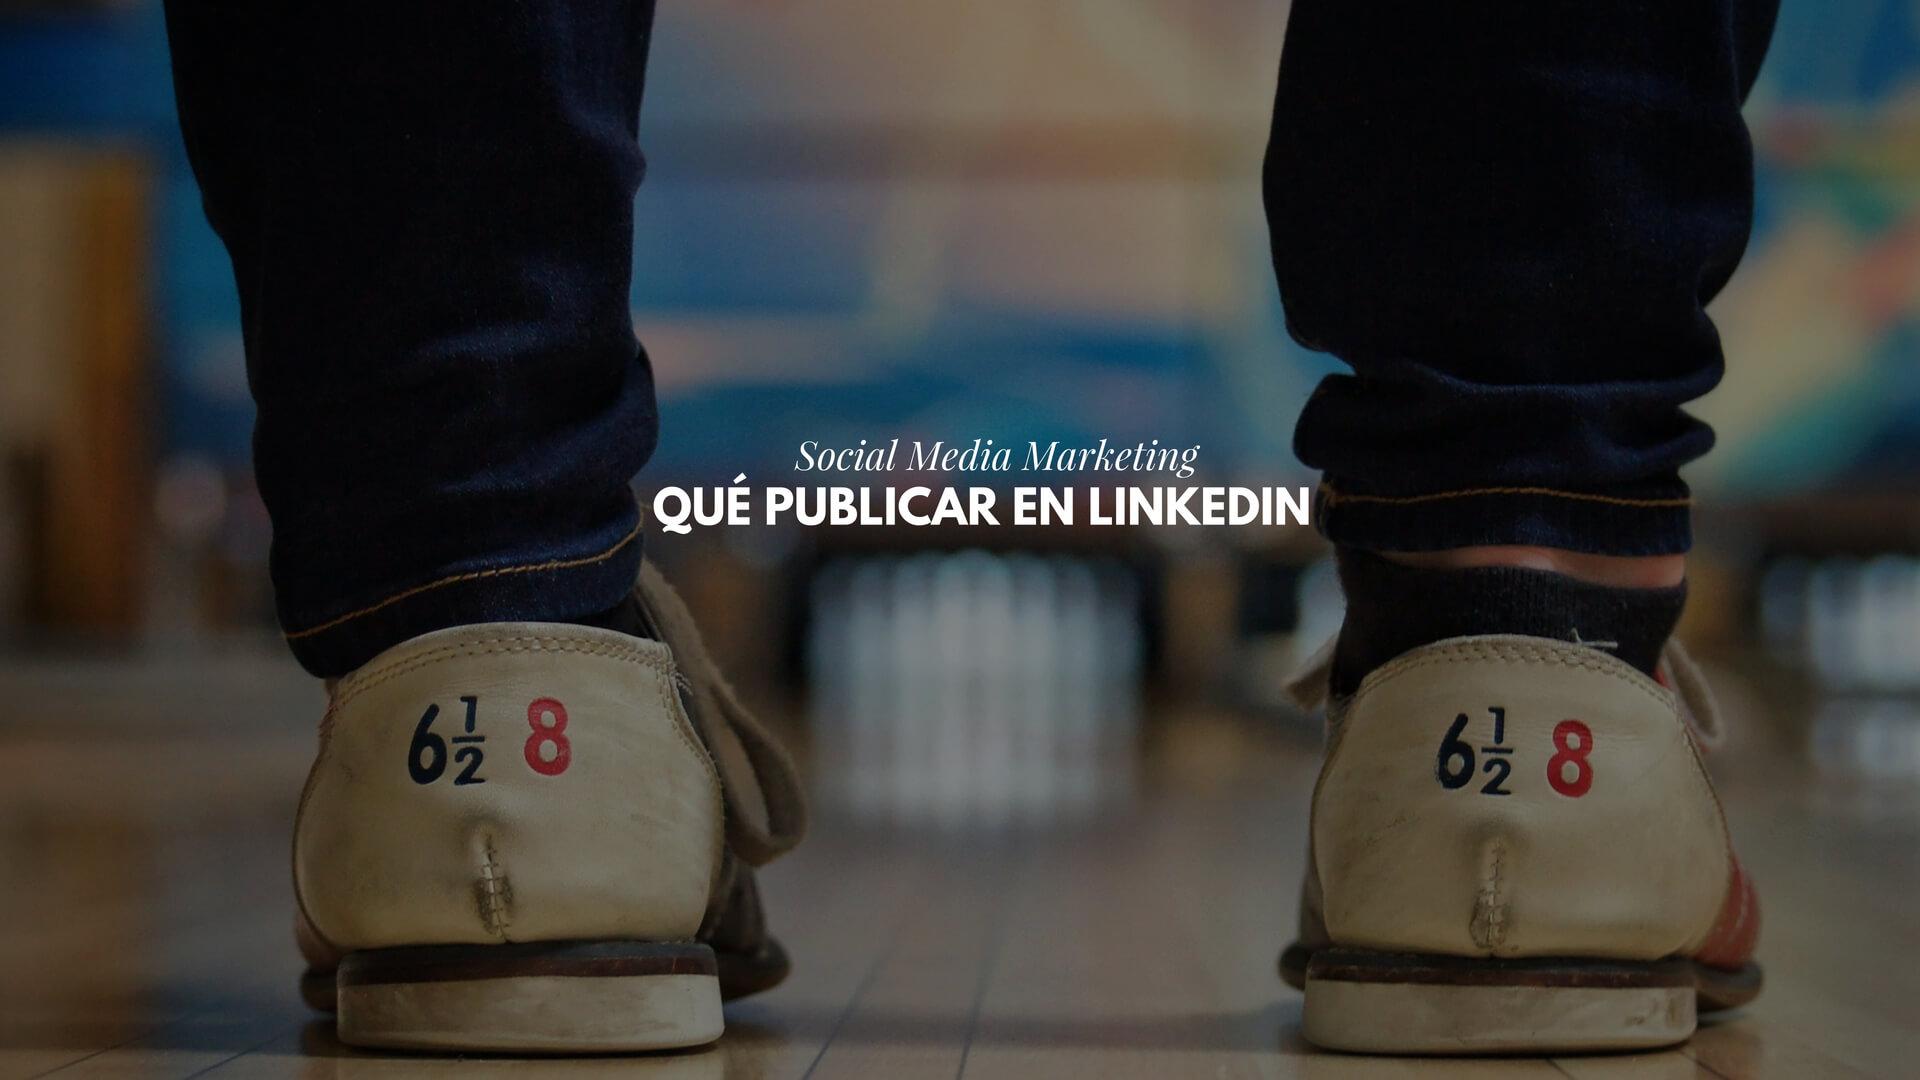 Qué publicar en LinkedIn para profesionales Social Media